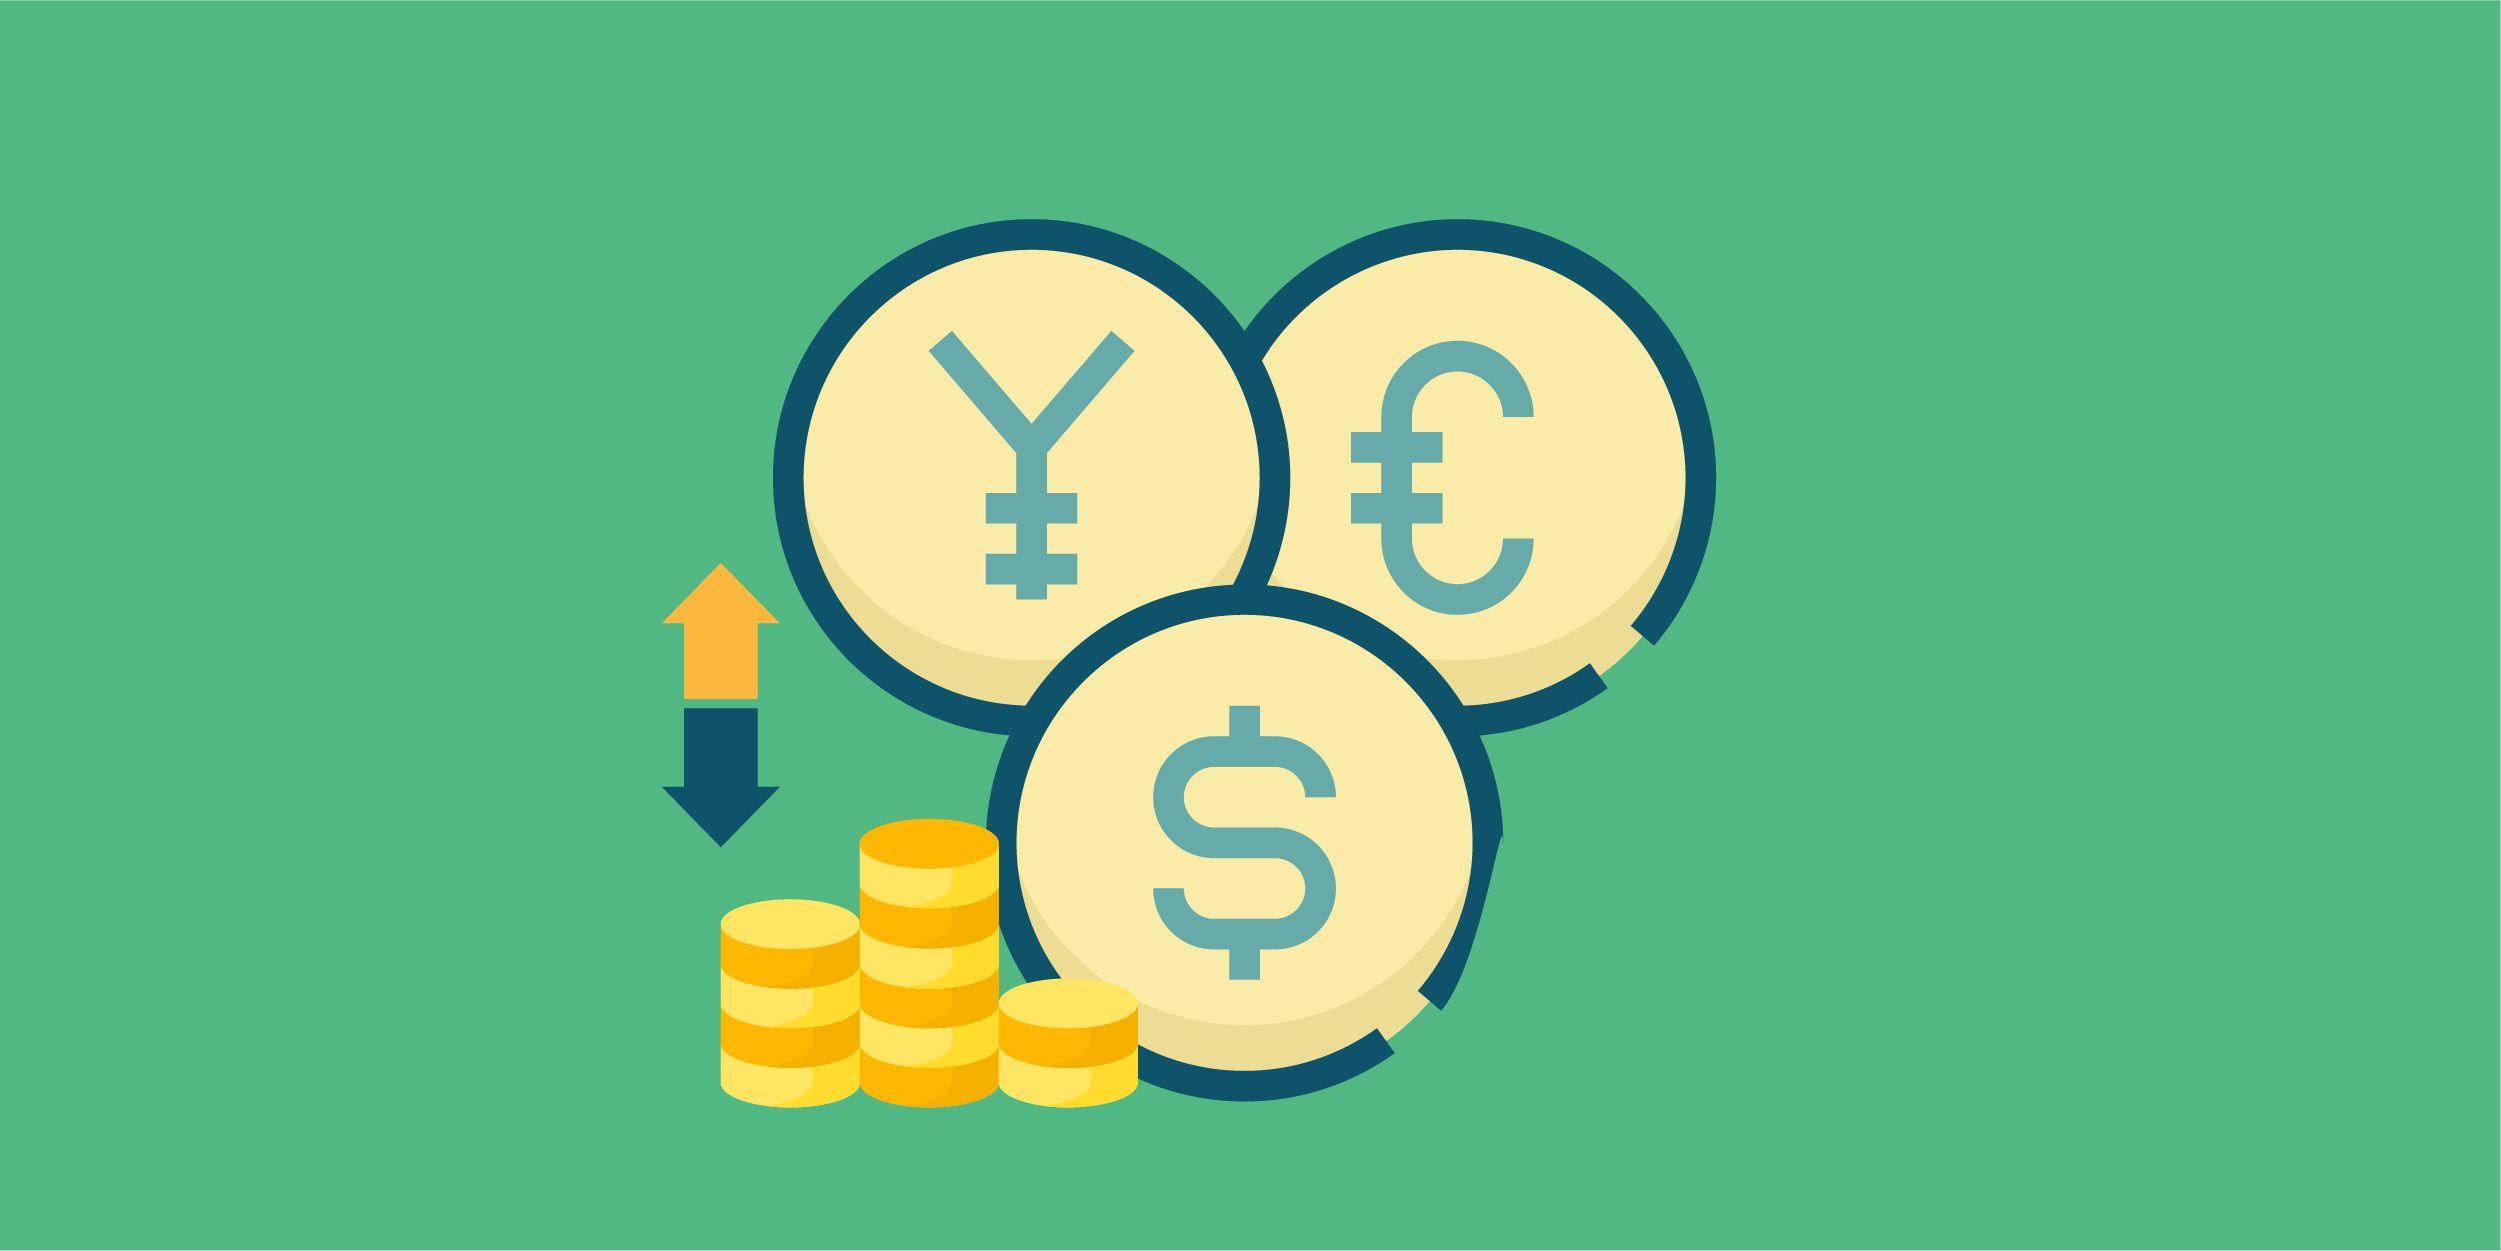 أسعار العملات الأجنبية اليوم:  الأربعاء 9 يونيو 2021